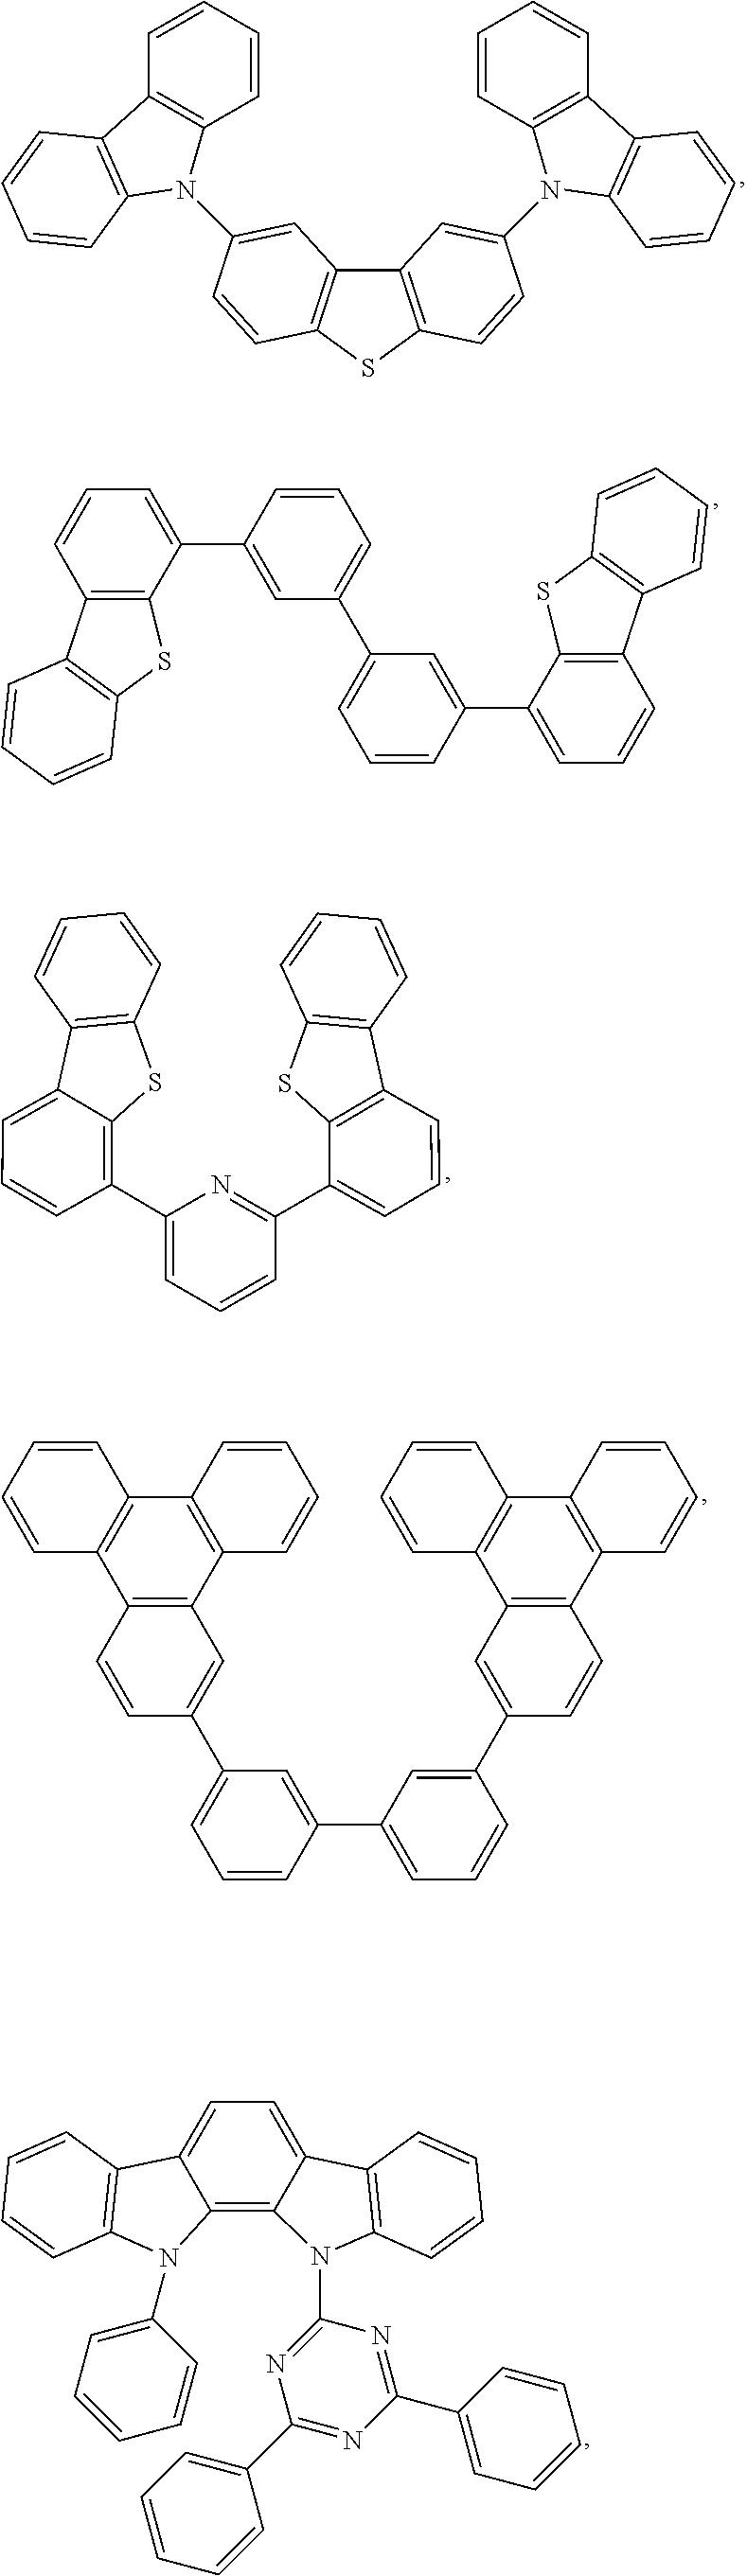 Figure US09725476-20170808-C00028